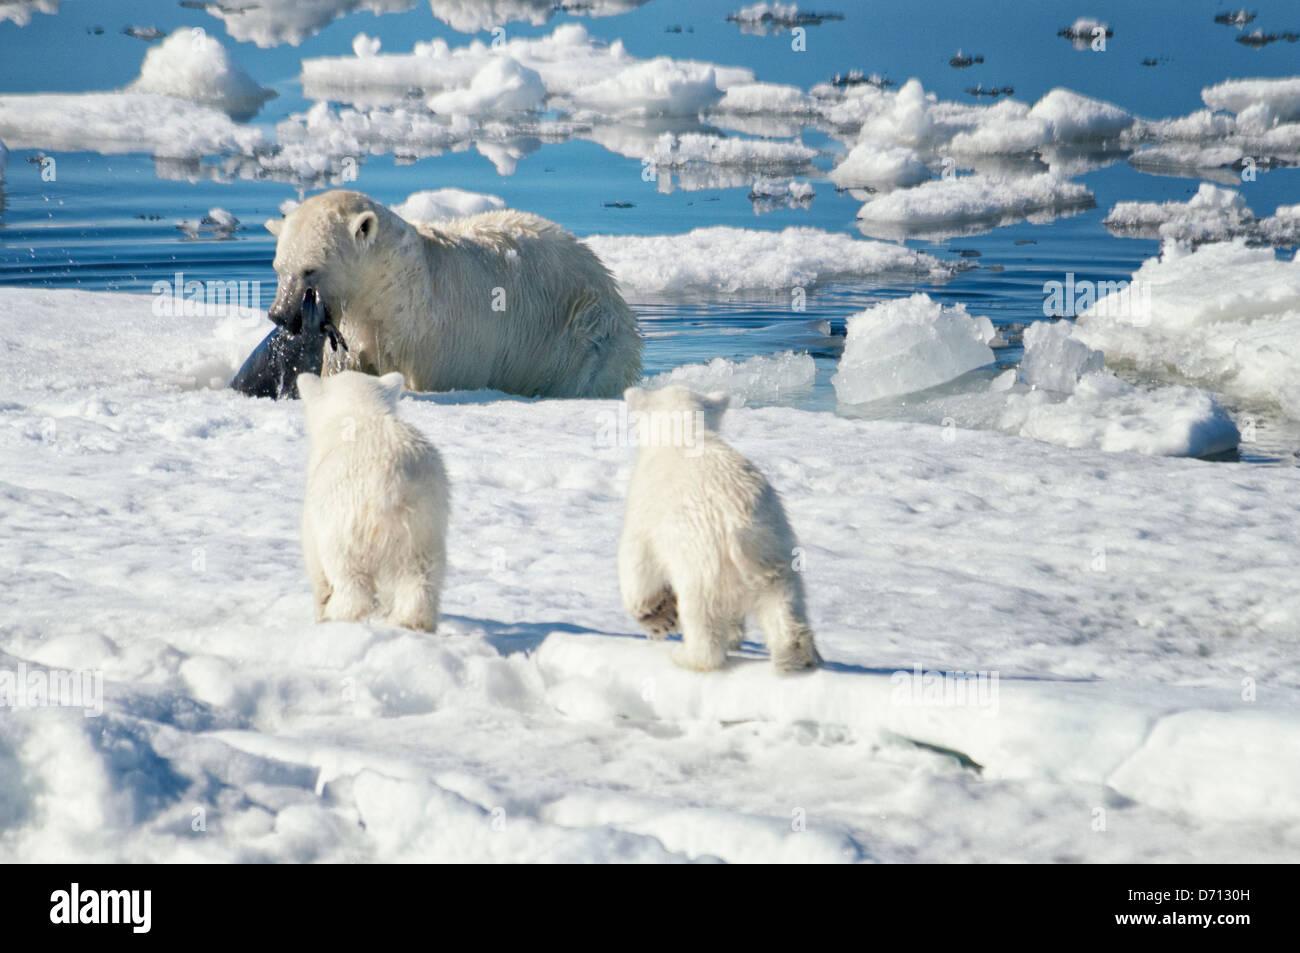 #4 in una serie di dieci immagini di una madre orso polare, Ursus maritimus, stalking una guarnizione per sfamare Immagini Stock